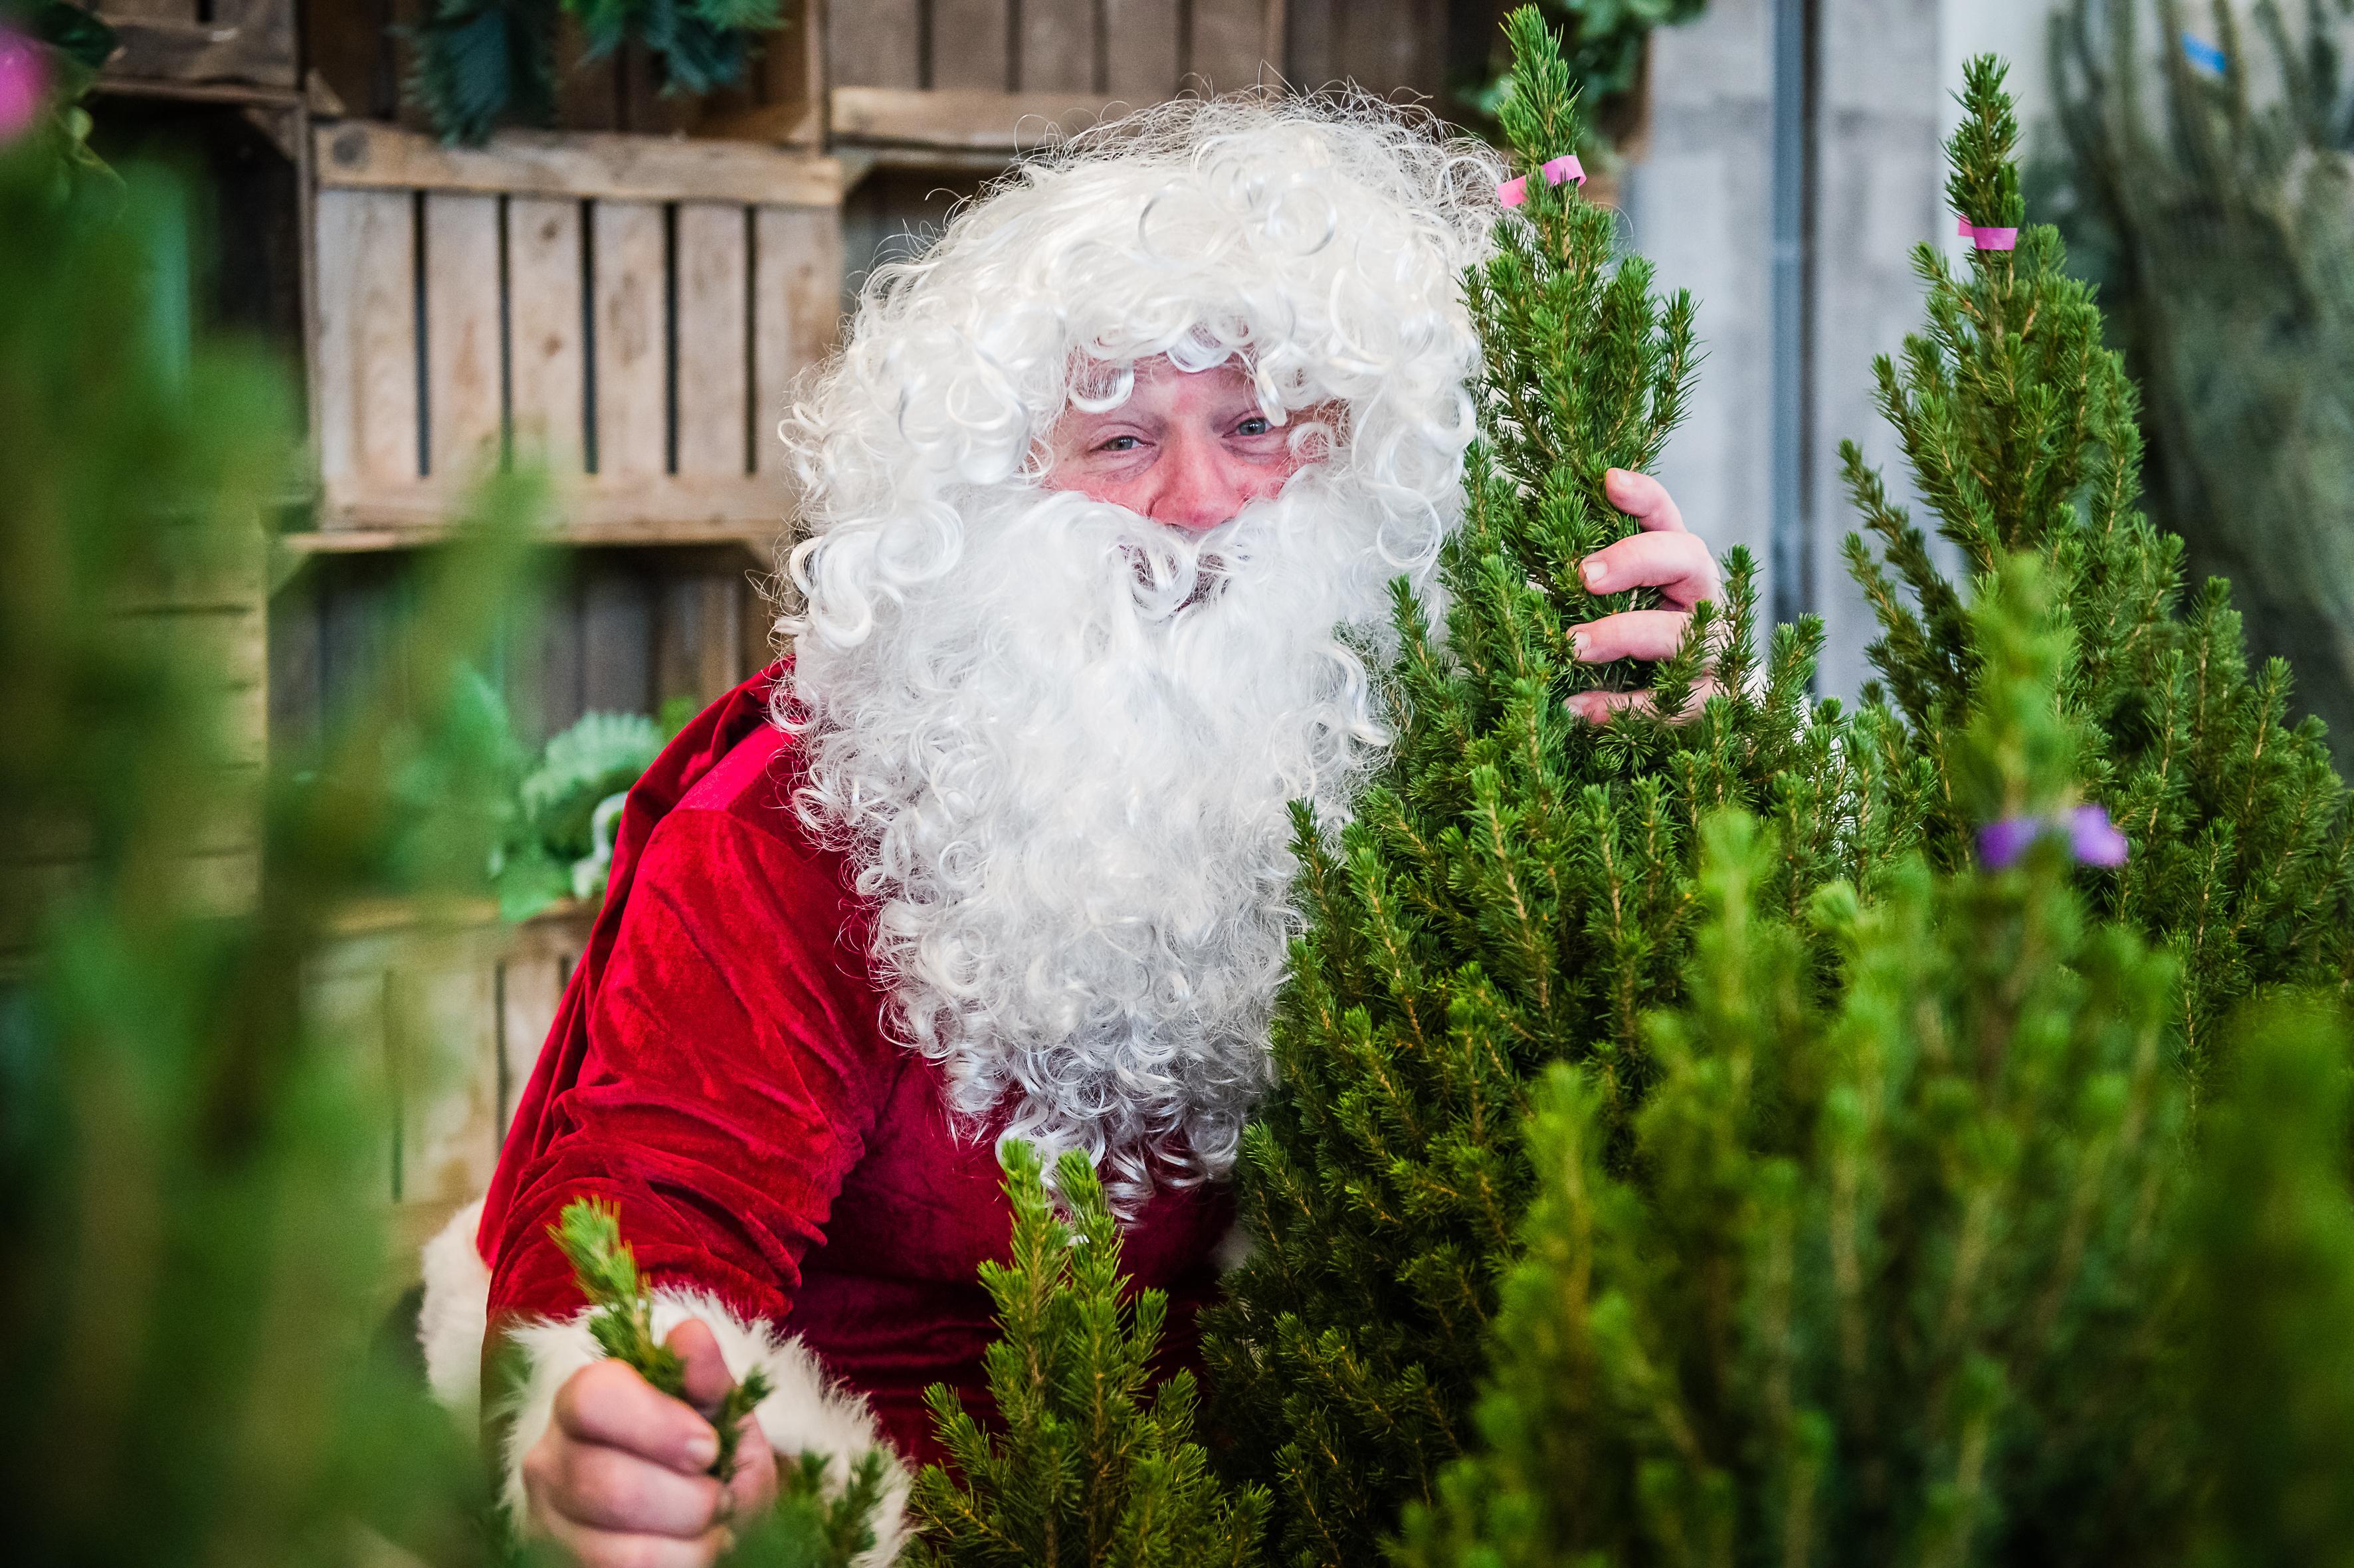 Van bar naar spar, Peter Coster van café De Artiest in Purmerend gaat kerstbomen verkopen: 'Dit is mijn redding'